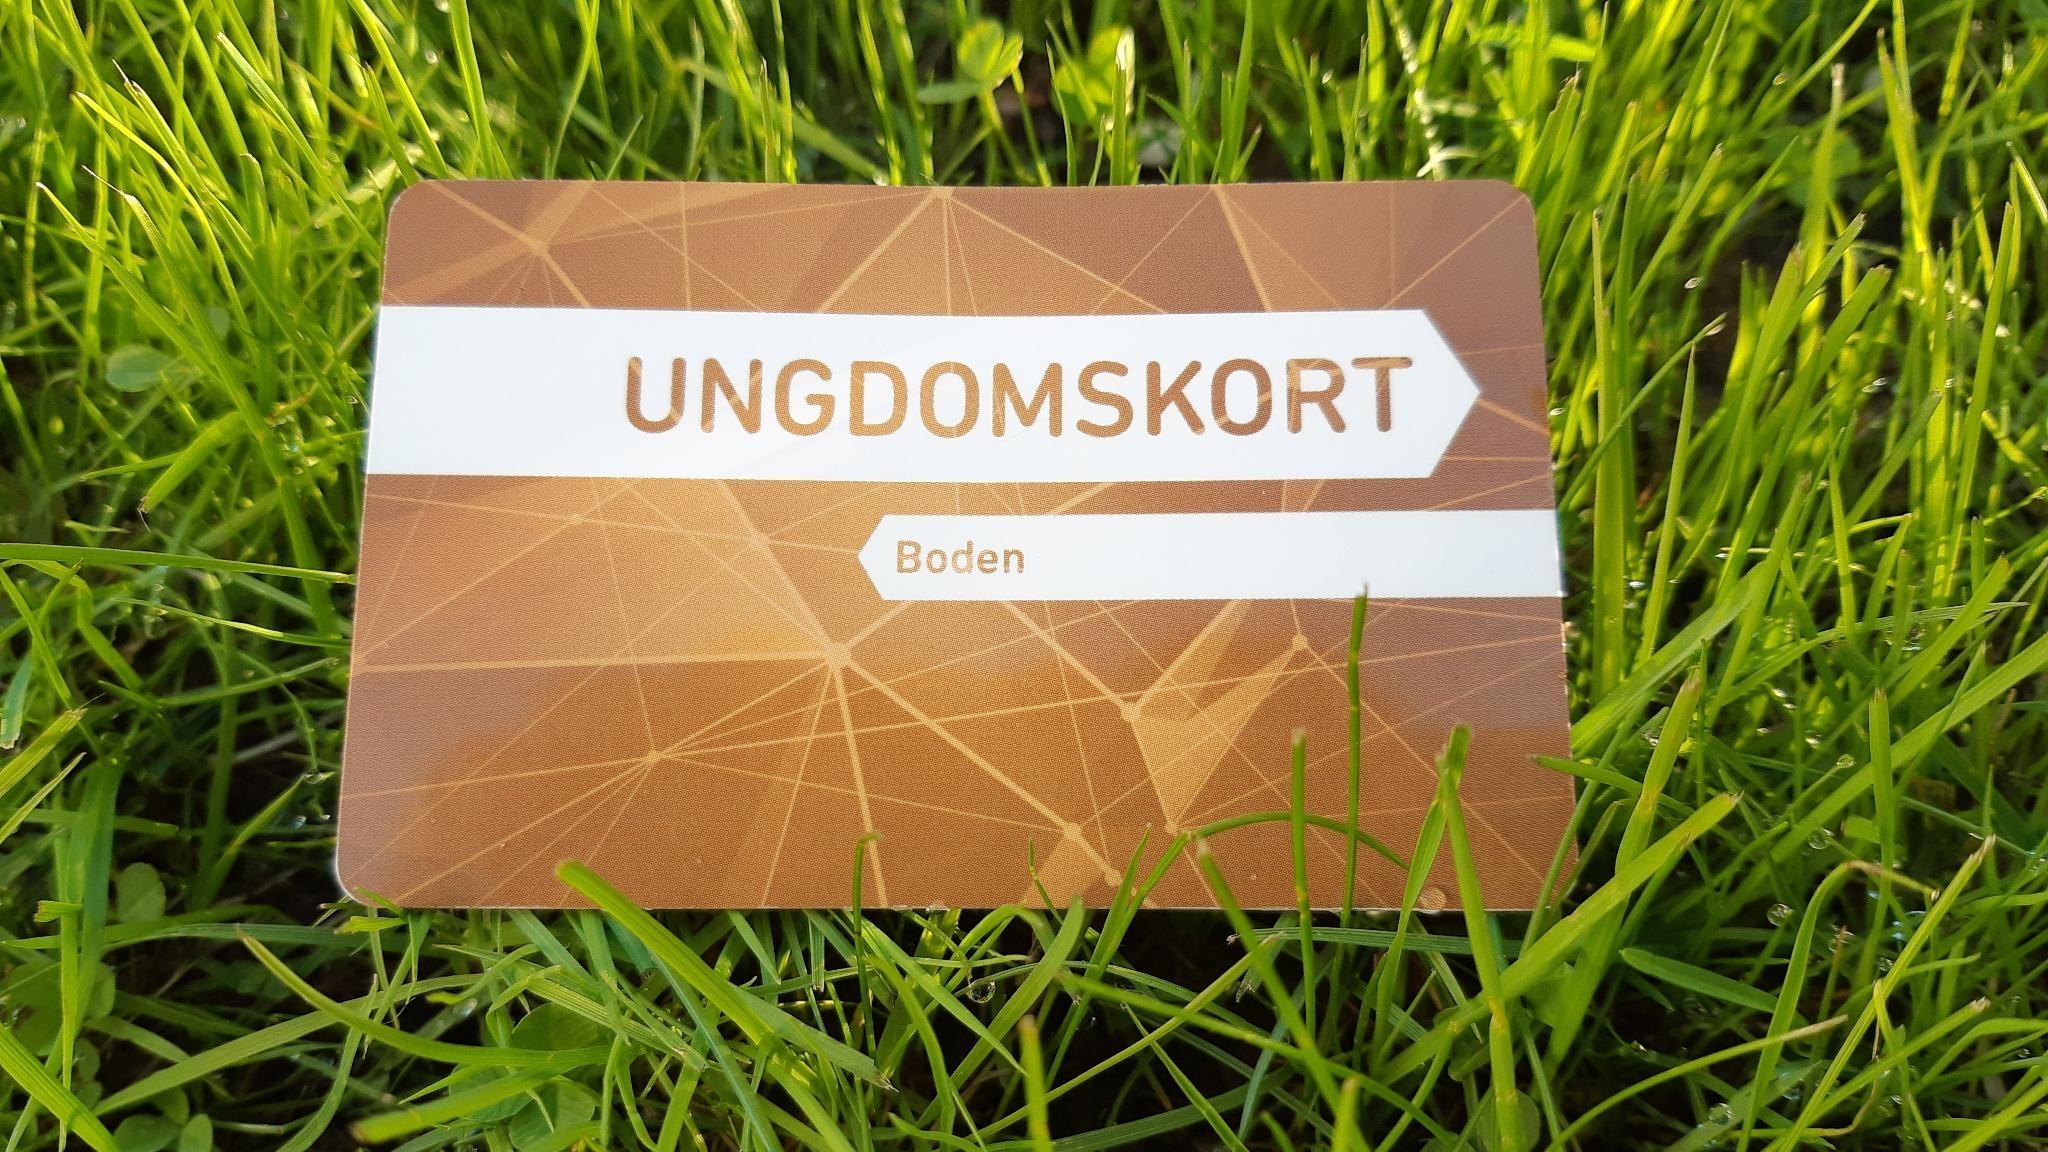 Bild på kort liggande i gräs. Texten Ungdomskort, Boden står på kortet.